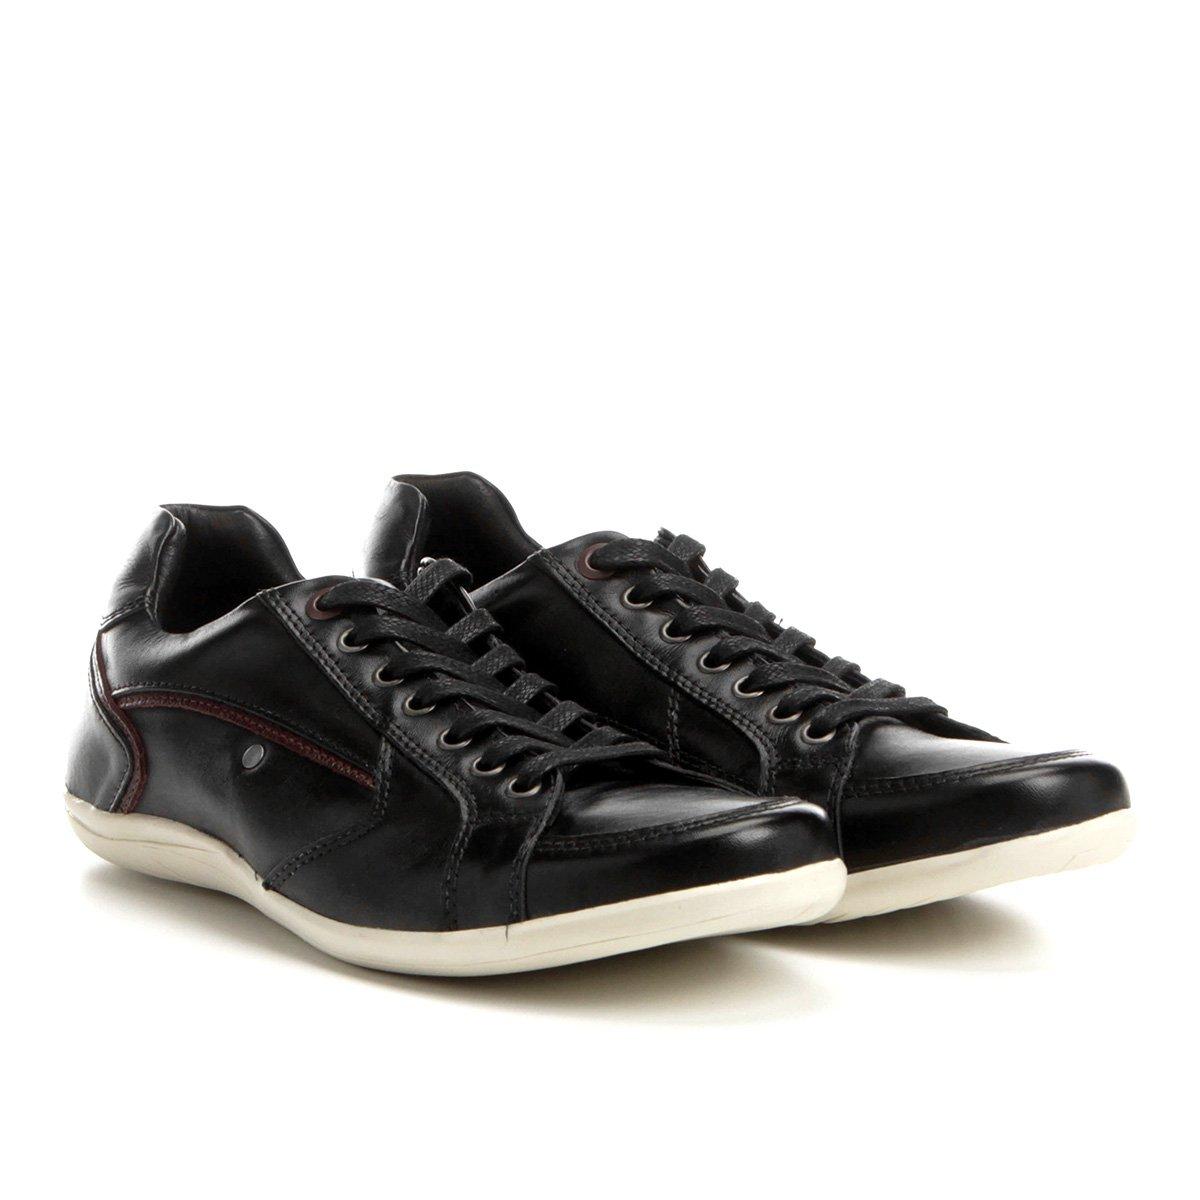 6f7cdb77ff Sapatênis Couro Shoestock Recortes Masculino - Preto